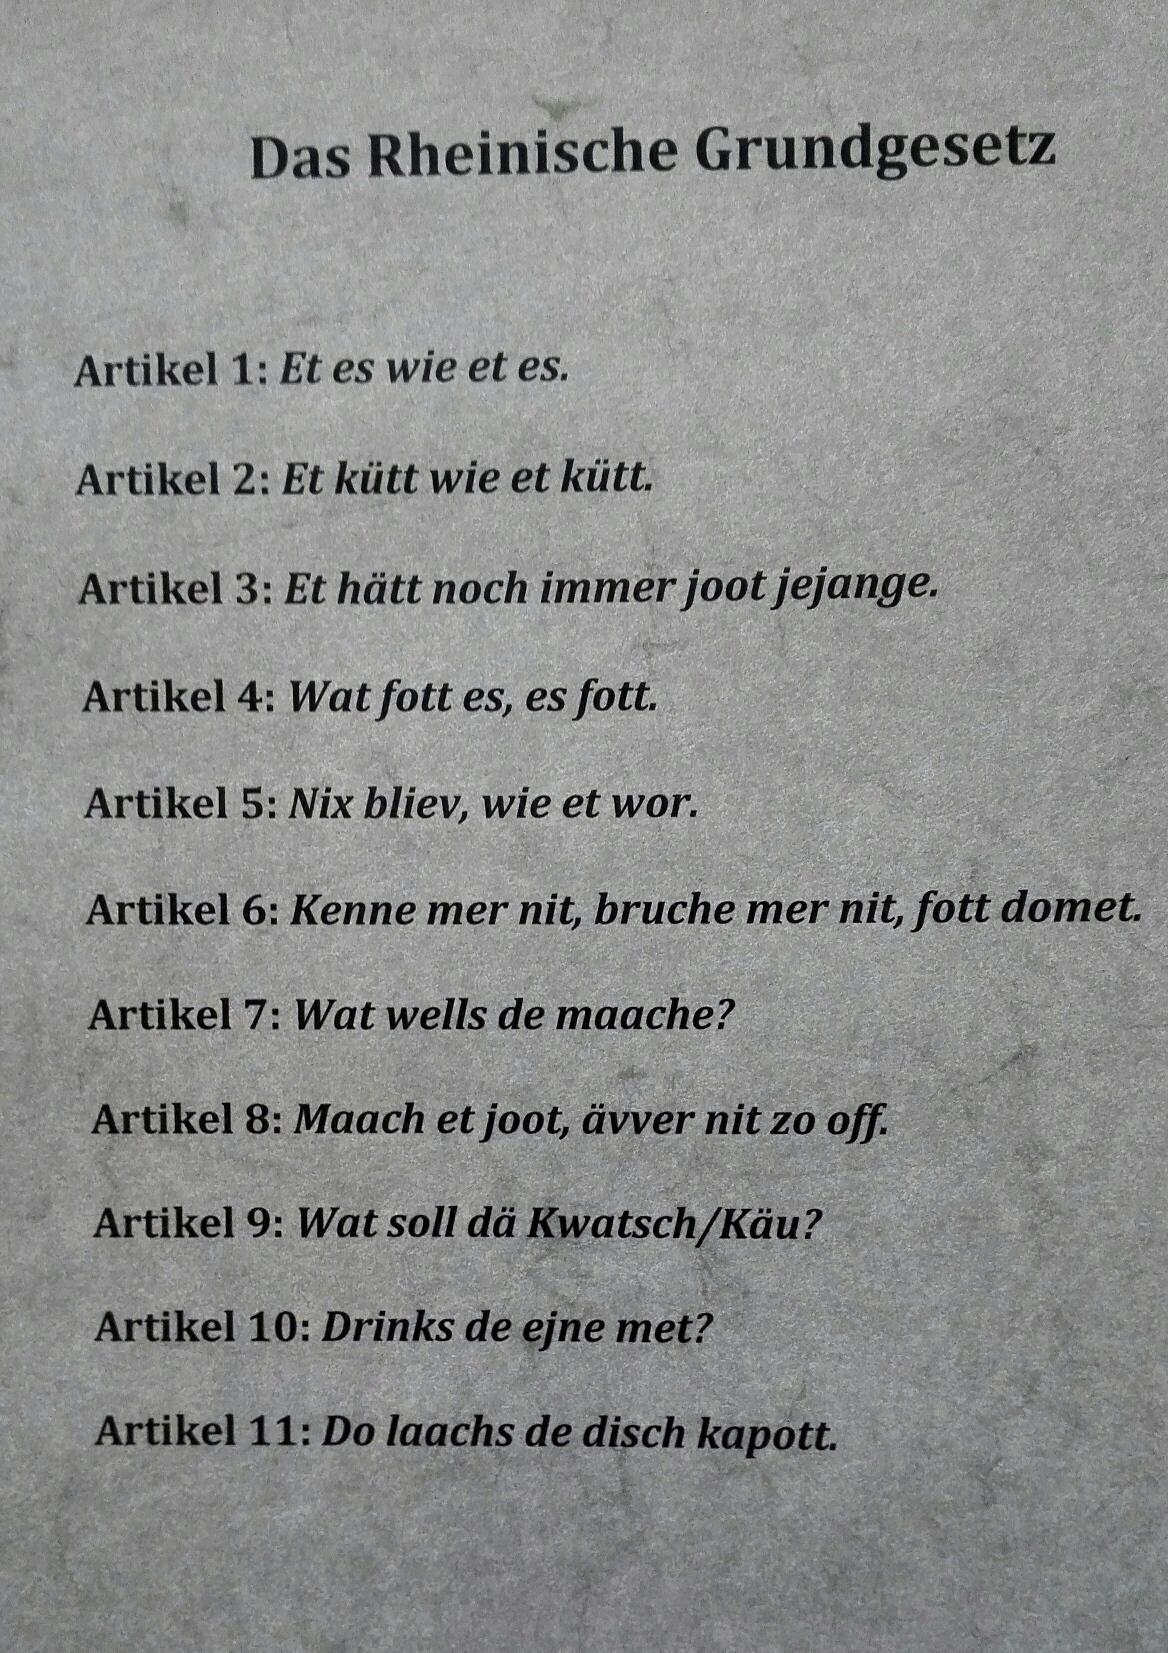 Rheinisches Grundgesetz